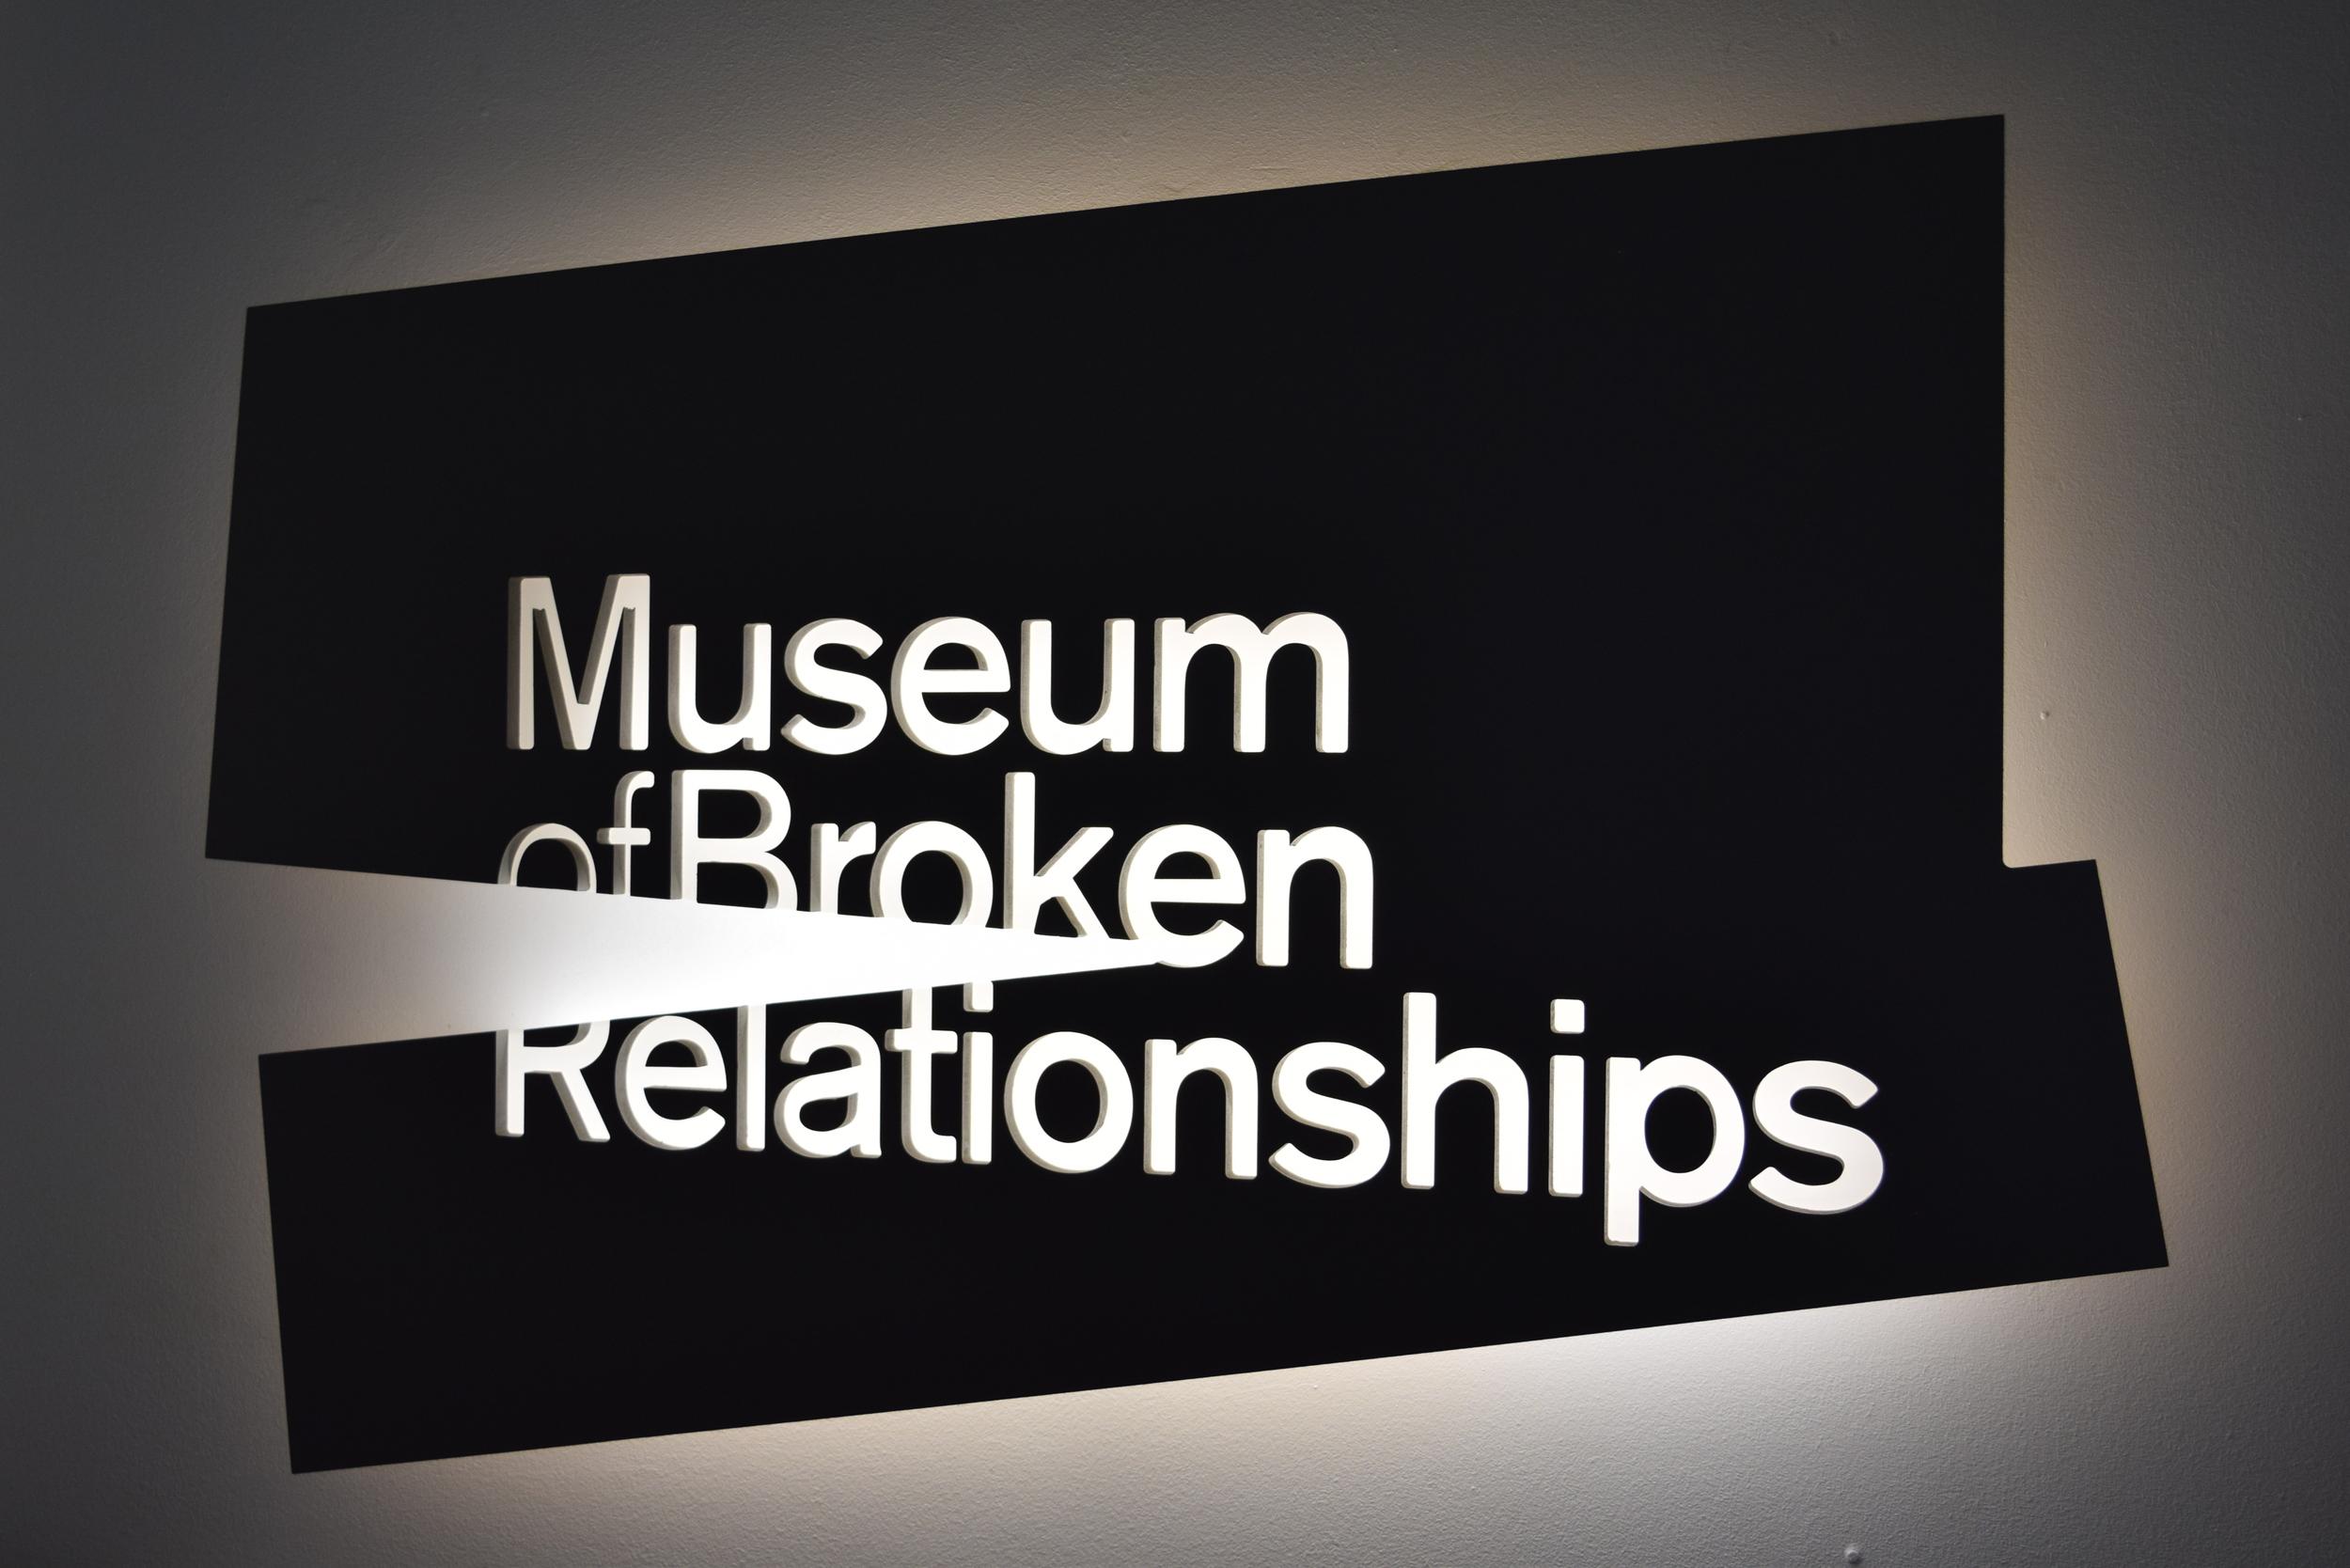 Brokenships